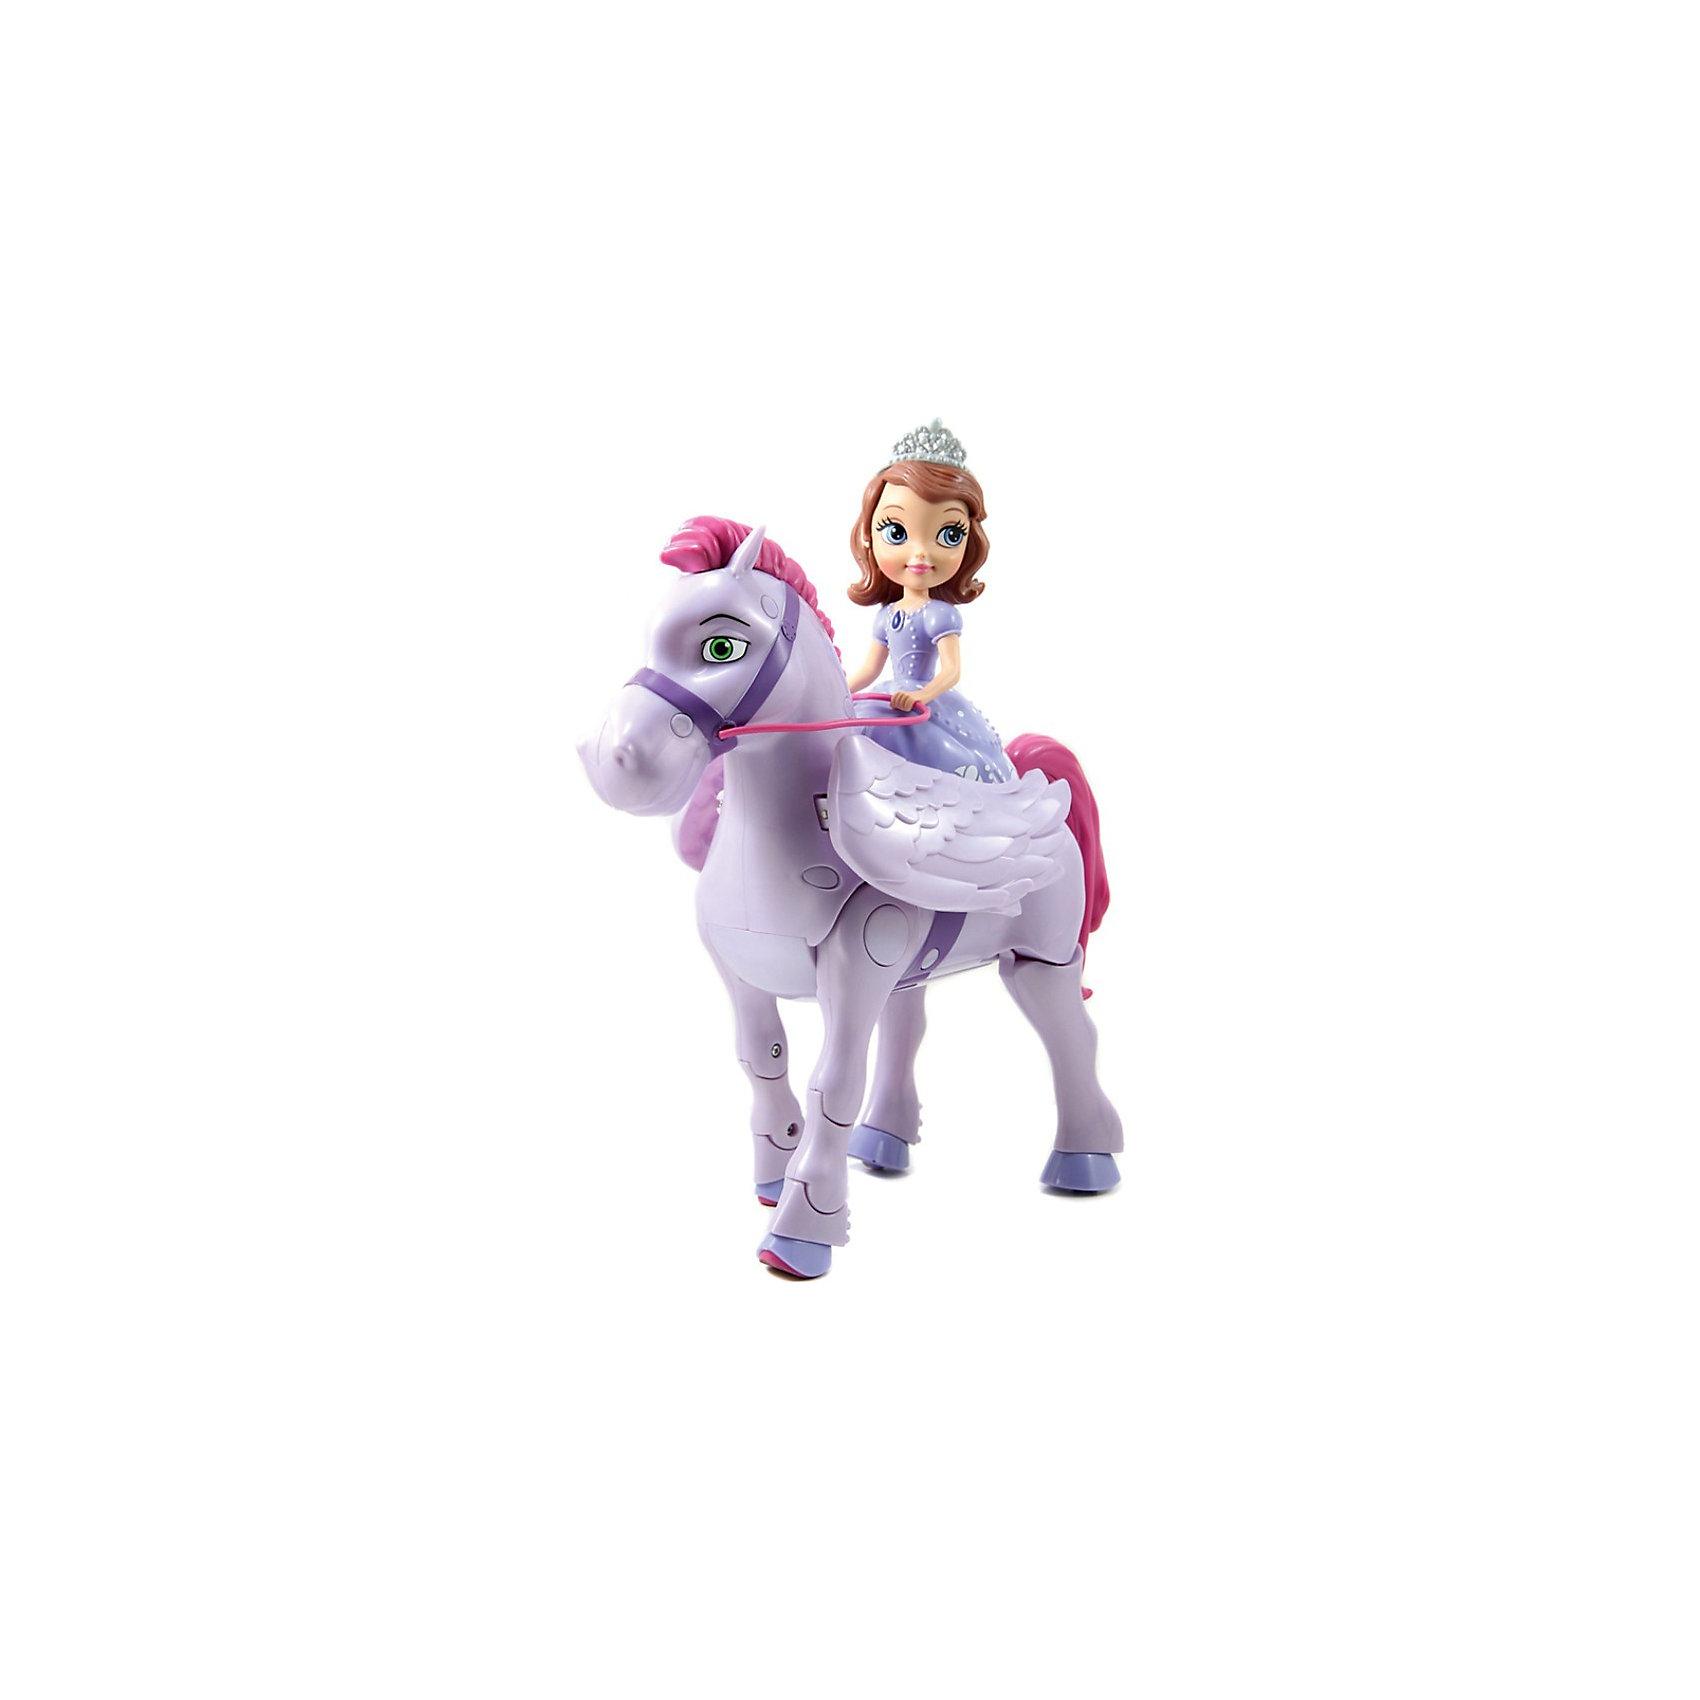 Игровой набор София Прекрасная и крылатый конь Минимус,  р/уКоляски и транспорт для кукол<br>Принцесса София Прекрасная из одноименного мультфильма кинокомпании Дисней обожает животных, У нее есть верный друг - конь по имени Минимус - волшебный конь-пегас с большими красивые крылья. <br>Радиоуправляемая игрушка-конь двигается вперед по кругу, сгибая и переставляя передние ноги и передвигая задними, имитируя движения лошади, машет крыльями, поворачивает направо и налево. При нажатии соответствующей кнопки на пульте управления раздается веселый смех принцессы Софии. <br><br>Дополнительная информация:<br><br>В наборе: пульт управления (работает от 2 АА батареек), фигурка коня (работает от 4 АА батареек) и Софии Прекрасной (несъемная). Батарейки в комплект не входят<br>Размер игрушки: 25,5 х 11,5 х 15,5 см.<br>Размер упаковки: 30,5 х 22,8 х 12,7 см.<br><br>Игровой набор София Прекрасная и крылатый конь Минимус,  р/у можно купить в нашем магазине.<br><br>Ширина мм: 305<br>Глубина мм: 228<br>Высота мм: 127<br>Вес г: 1200<br>Возраст от месяцев: 48<br>Возраст до месяцев: 120<br>Пол: Женский<br>Возраст: Детский<br>SKU: 3856592